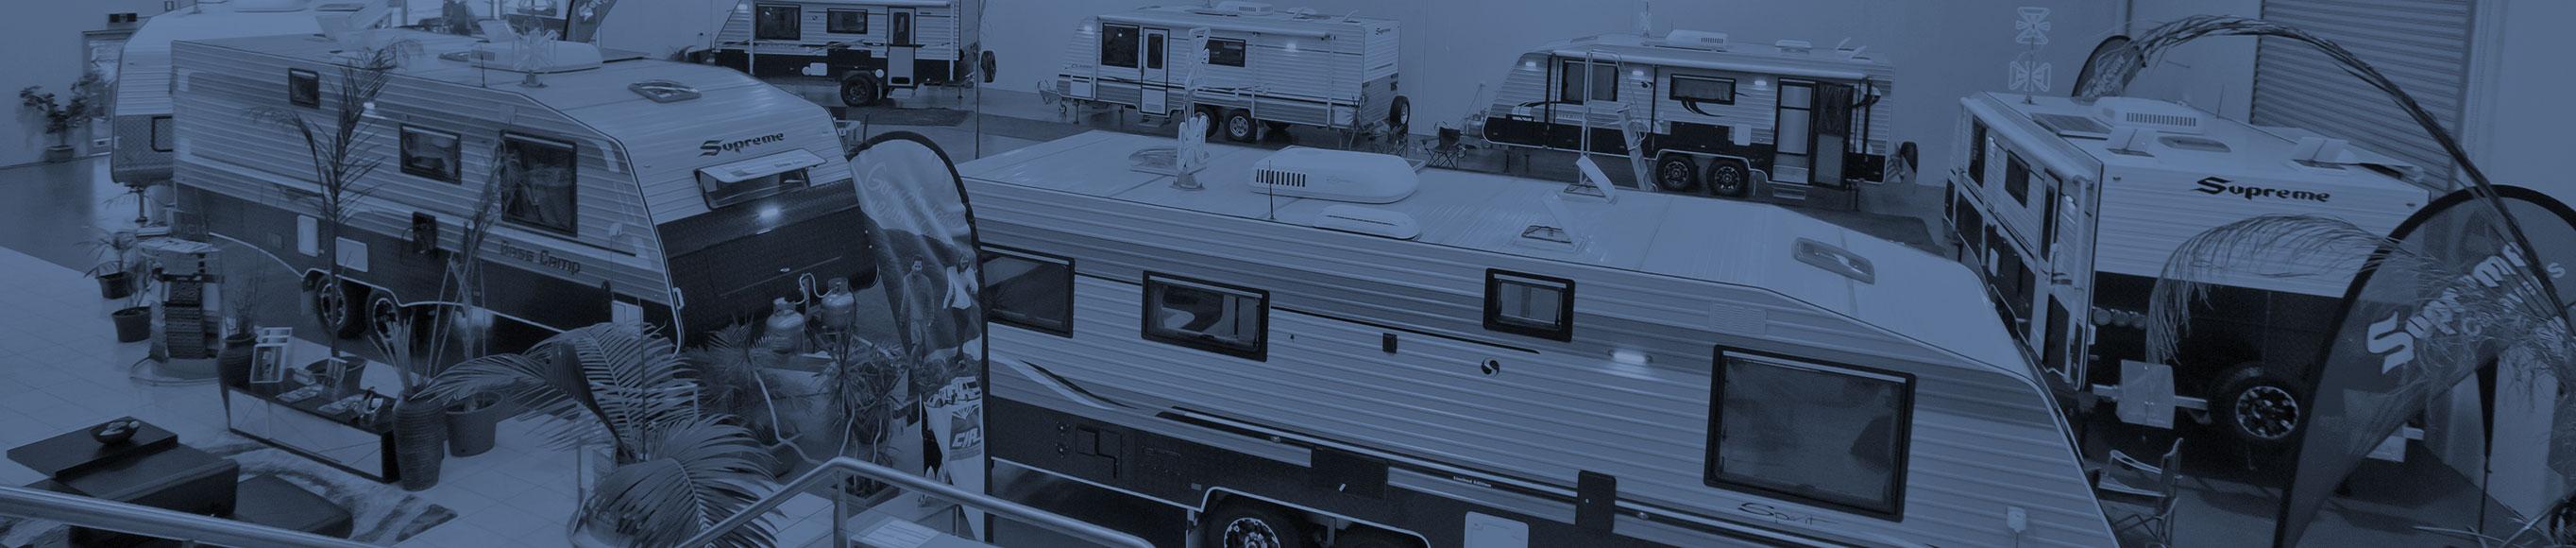 new caravans for sale in Melbourne, Brisbane & Sydney